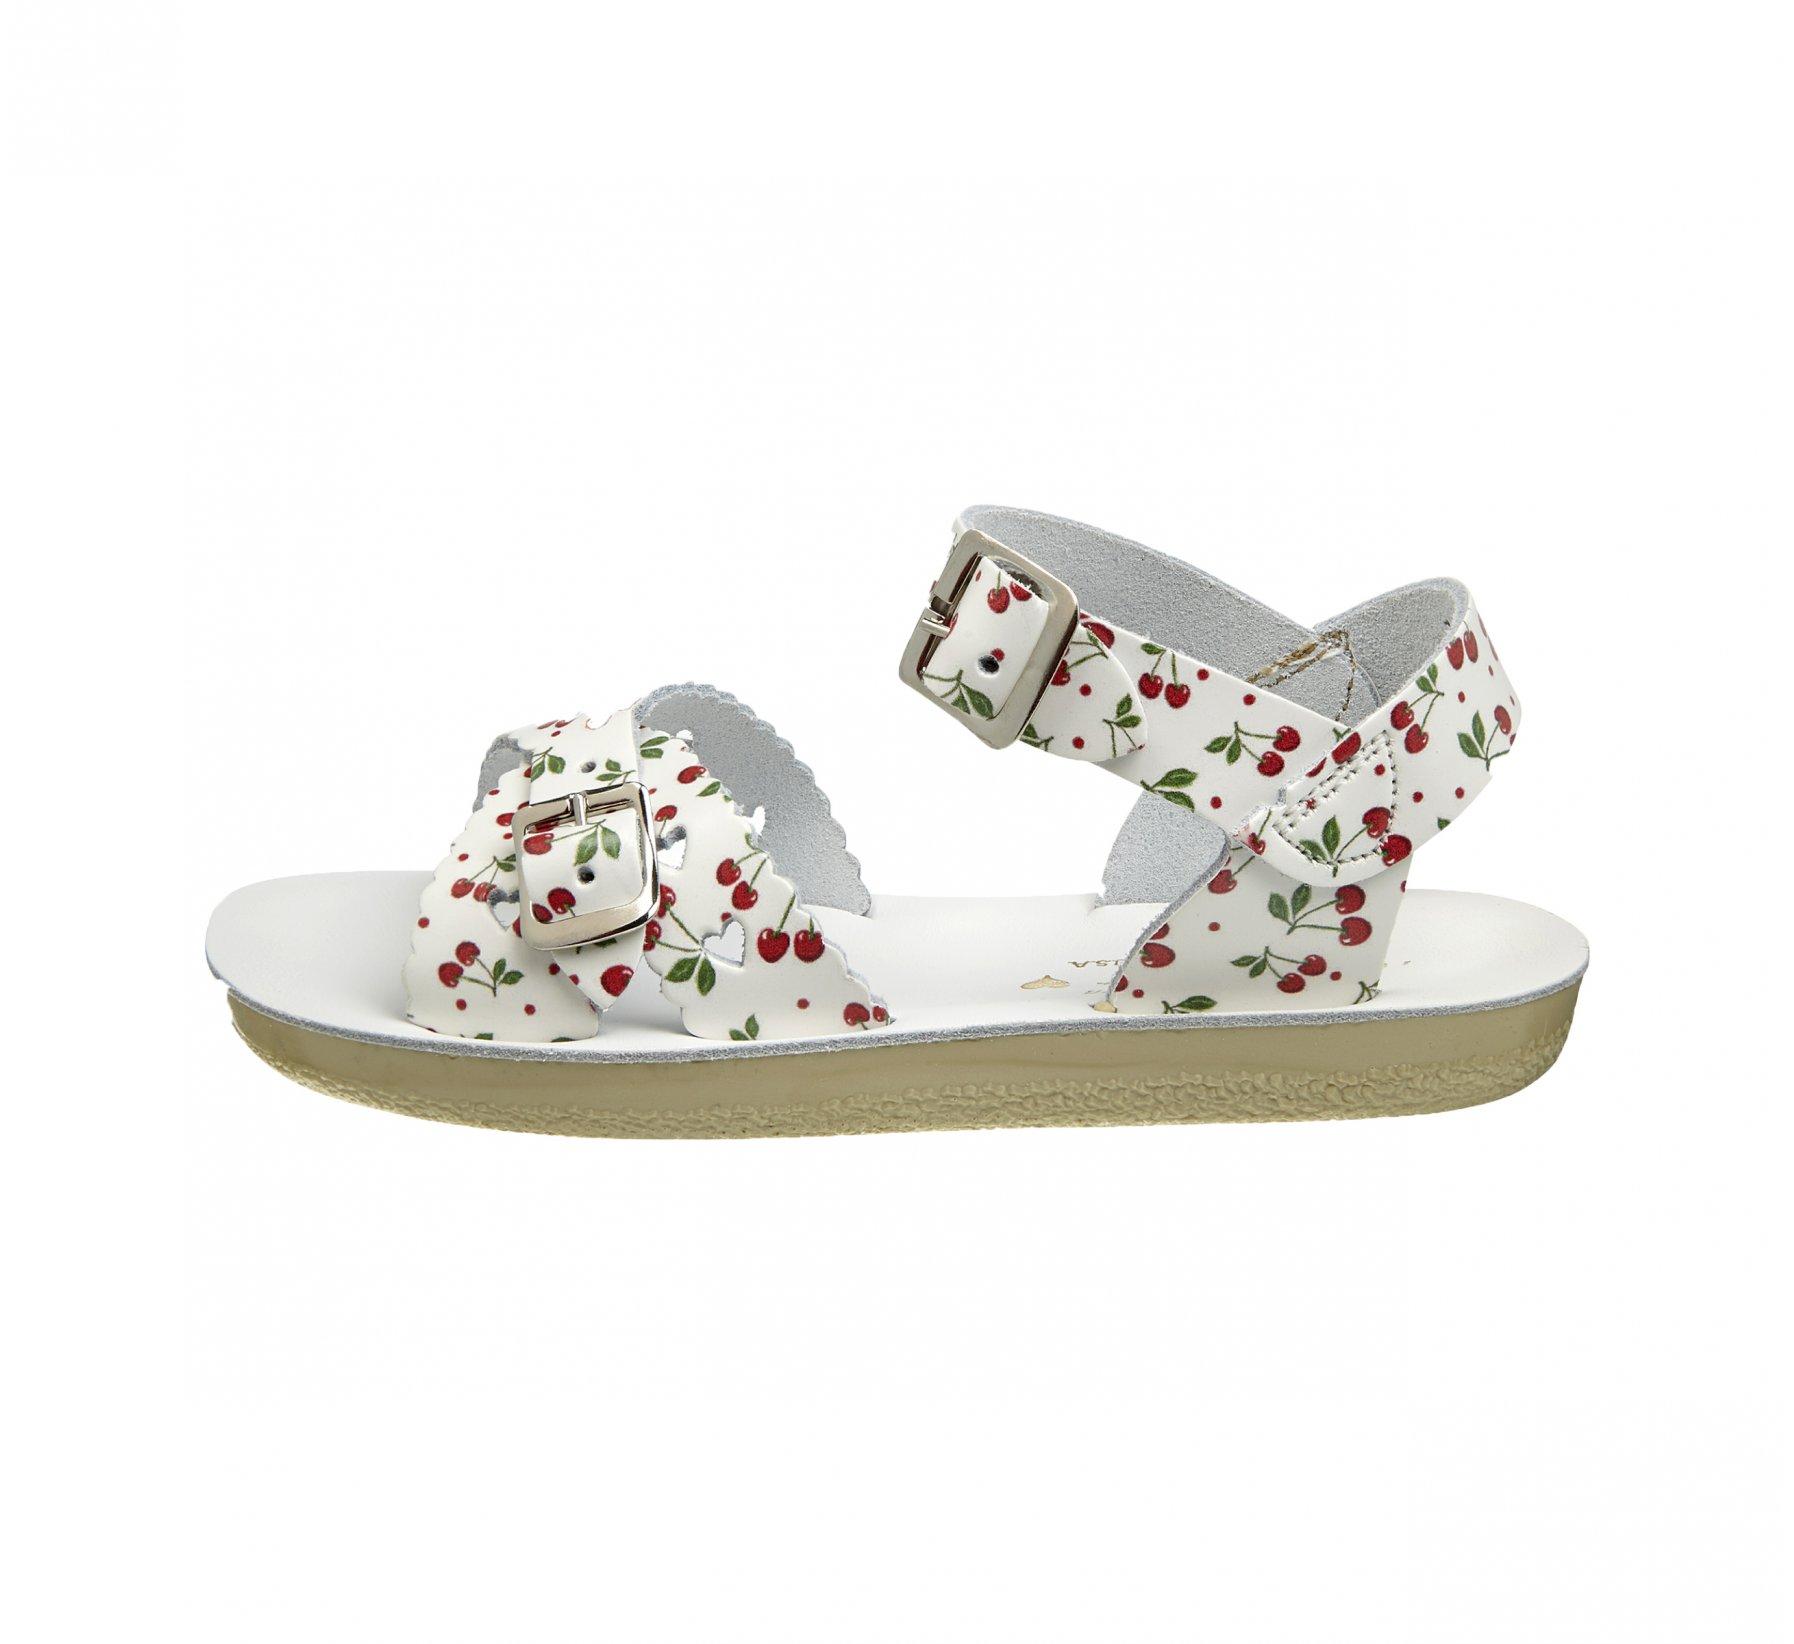 Sweetheart mit Kirschen - Salt Water Sandals